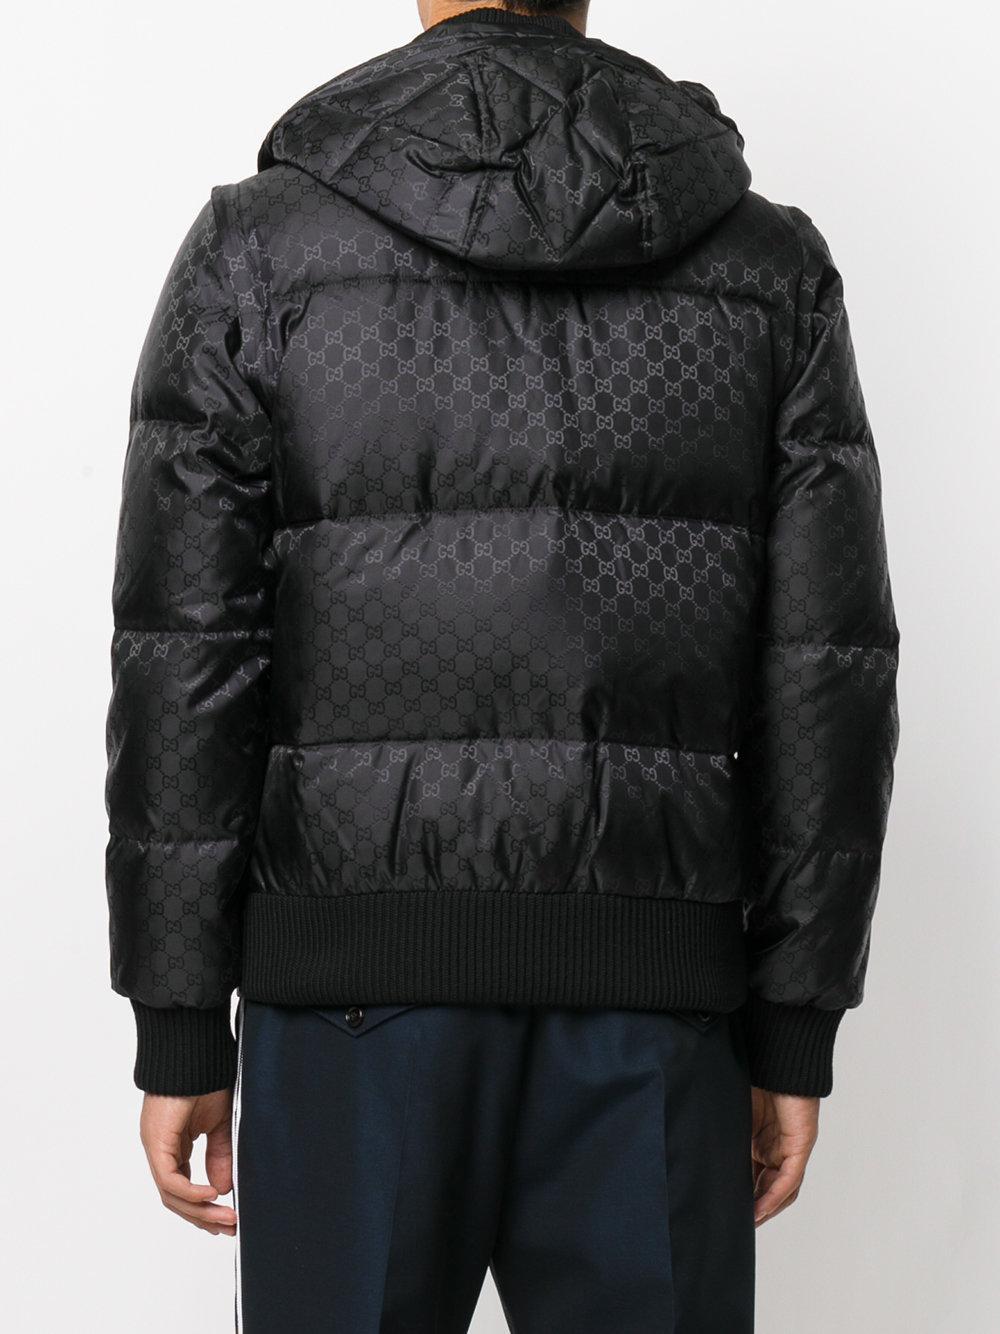 c7e9dd7b85a Lyst - Doudoune GG Gucci pour homme en coloris Noir